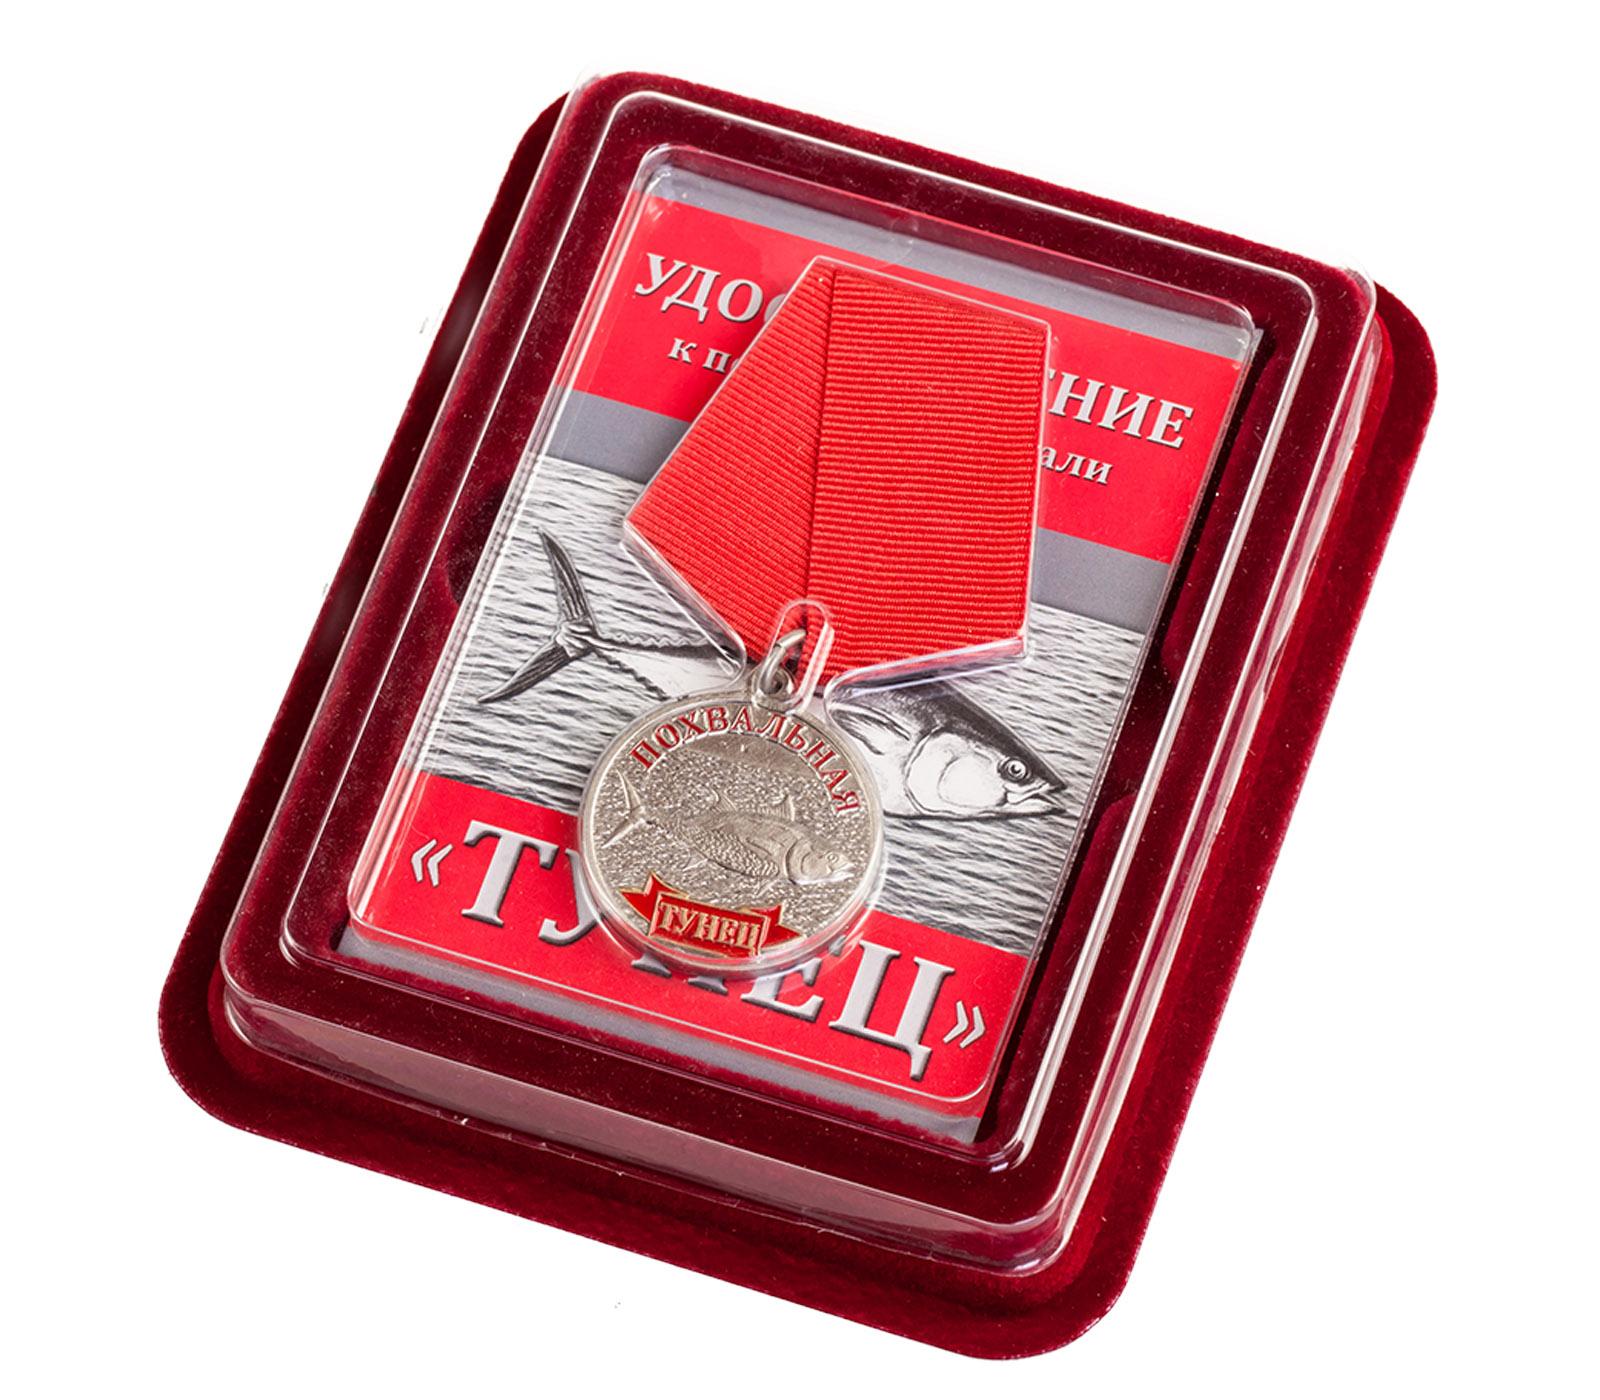 """Похвальная медаль """"Тунец"""" в подарок рыбаку в наградном футляре из флока с прозрачной крышкой"""